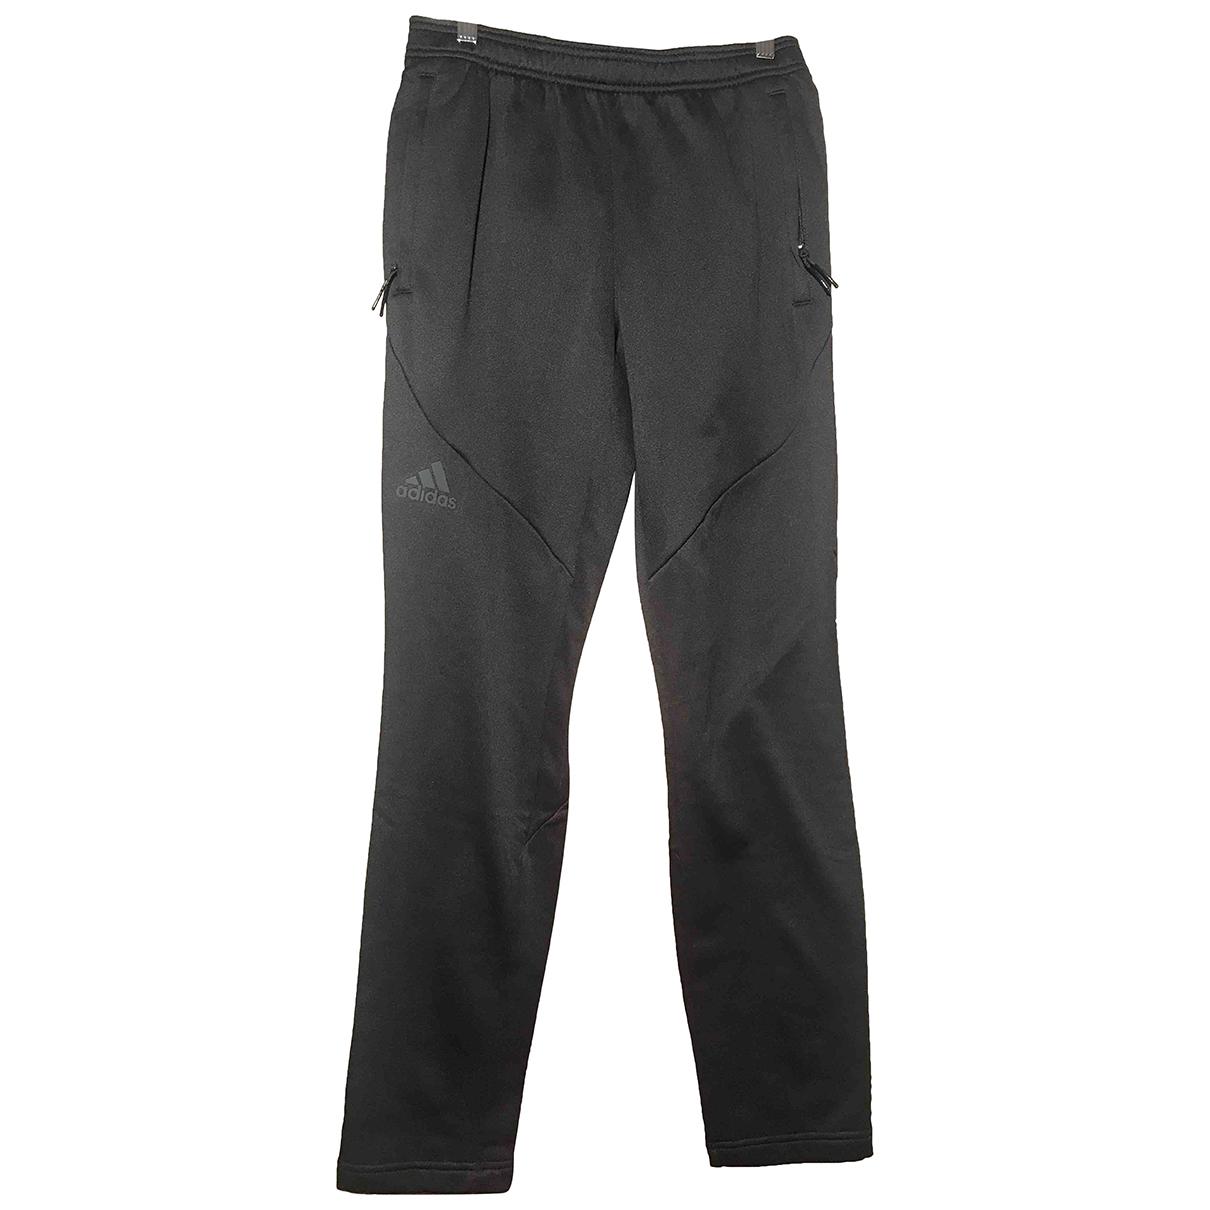 Adidas - Pantalon   pour enfant - noir